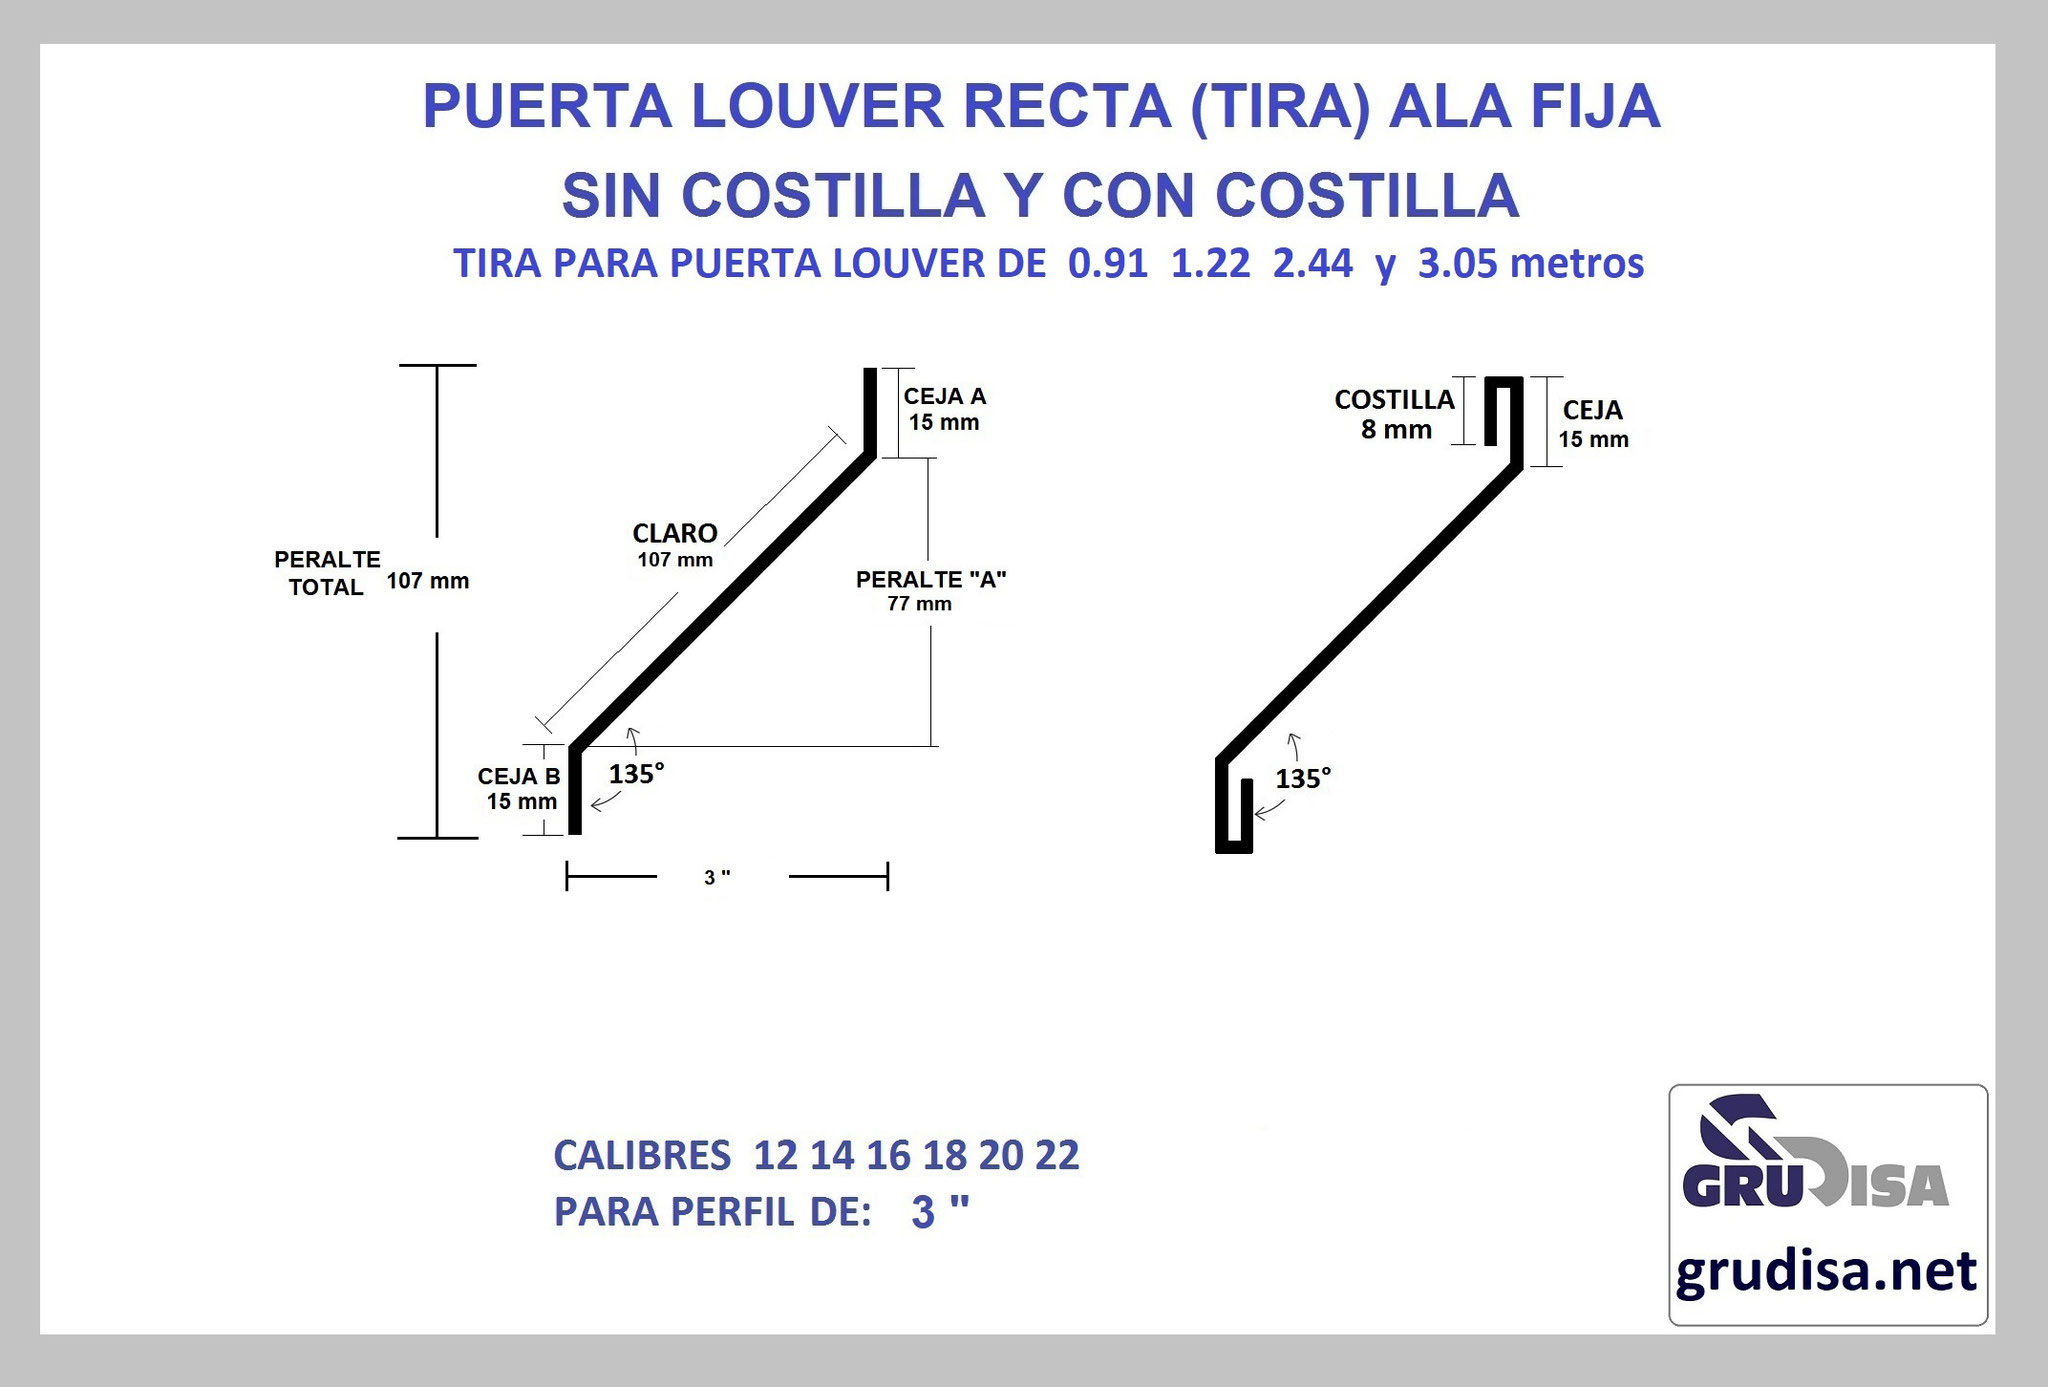 """PUERTA LOUVER (TIRA) MODELO RECTA PARA ARMAR EN PERFIL DE 3"""""""